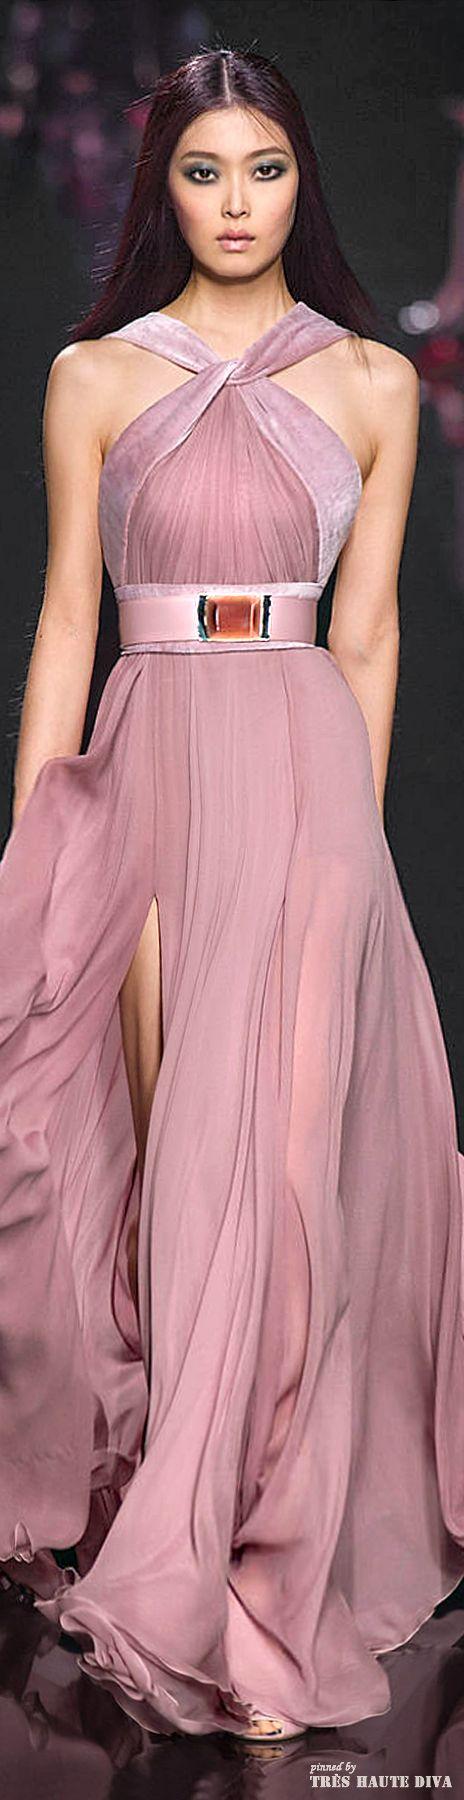 Elie Saab Fall 2014 Ready-to-Wear Fashion Show